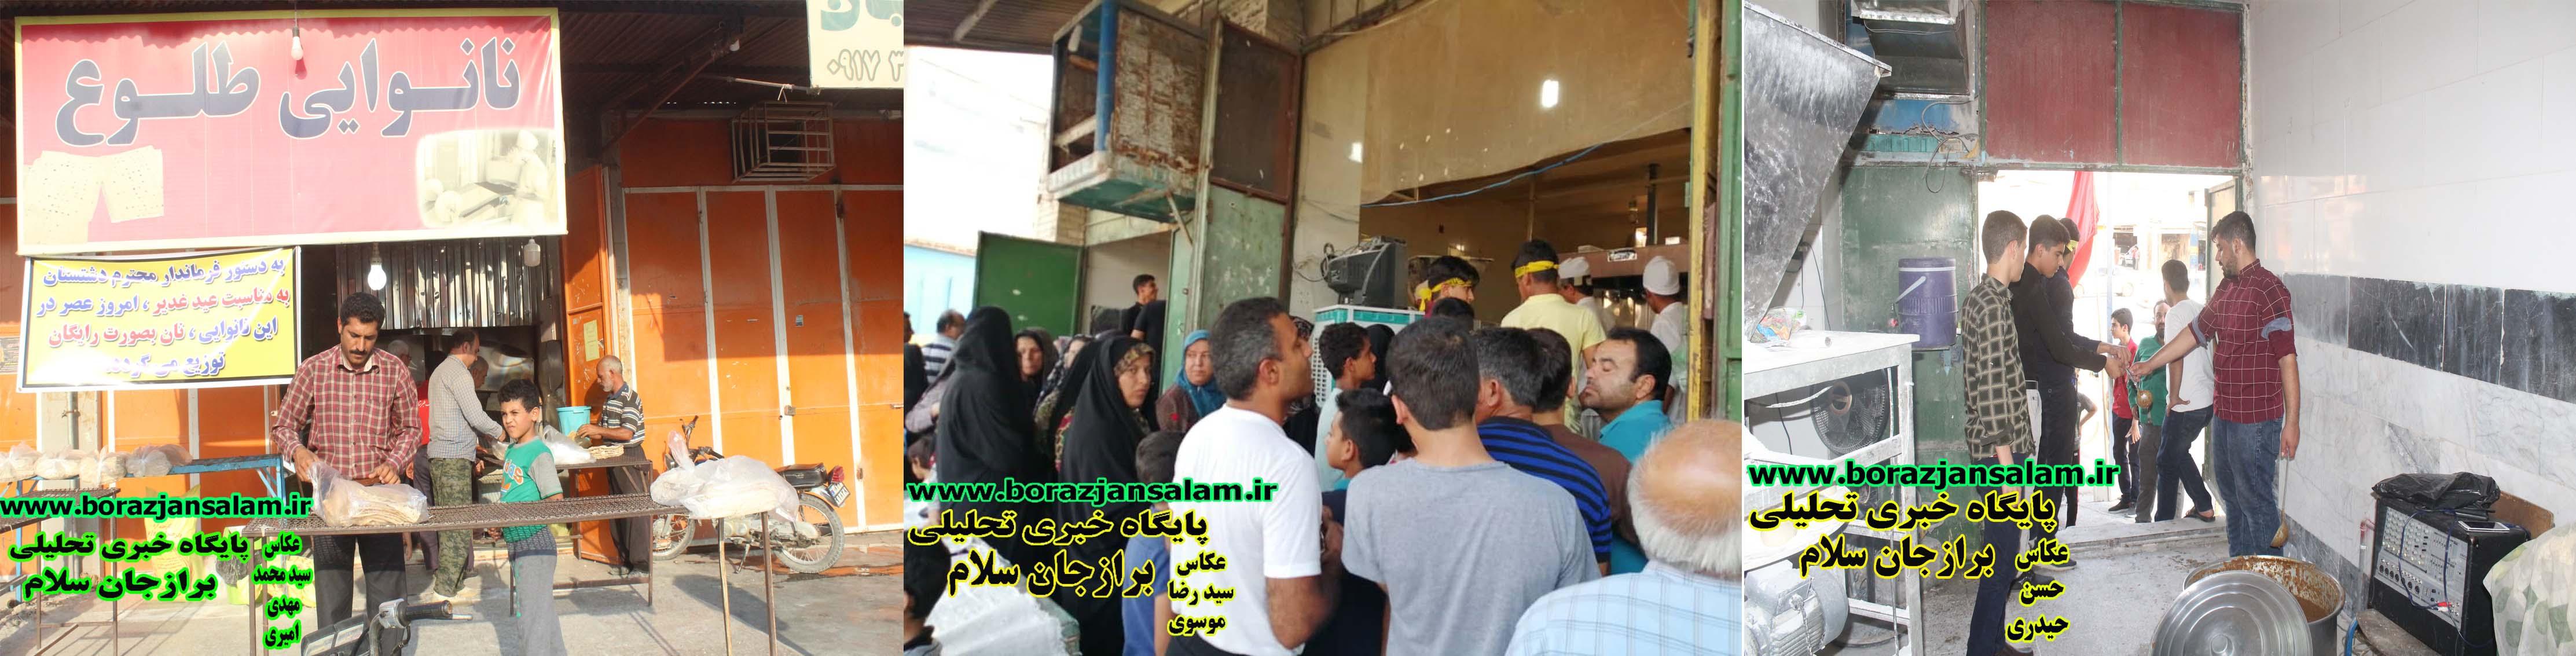 تصاویر دو نانوایی رایگان عید غدیر خم در برازجان